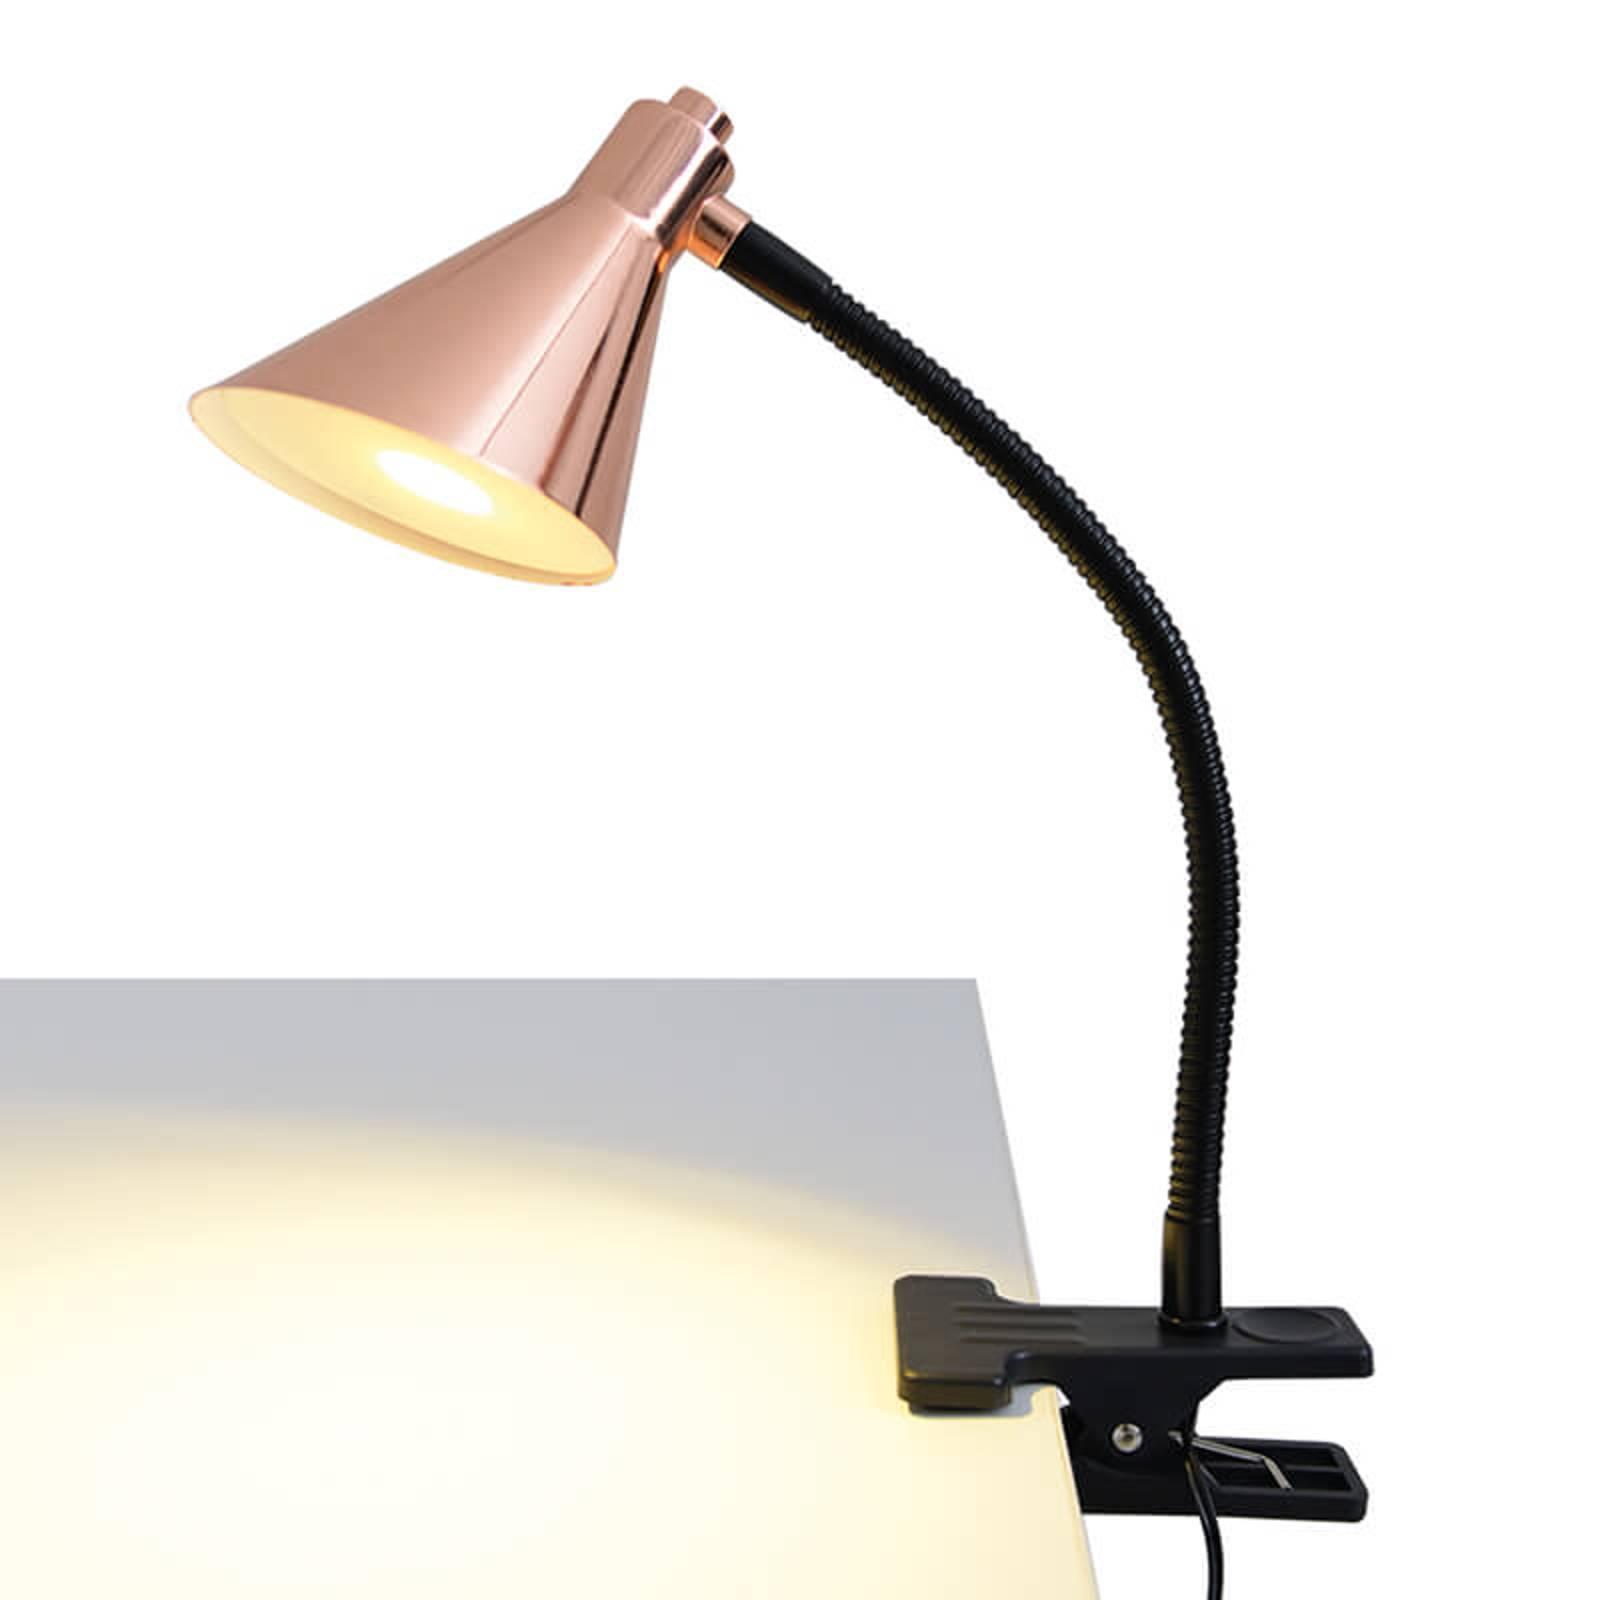 schreibtischlampen und andere lampen von n ve online kaufen bei m bel garten. Black Bedroom Furniture Sets. Home Design Ideas